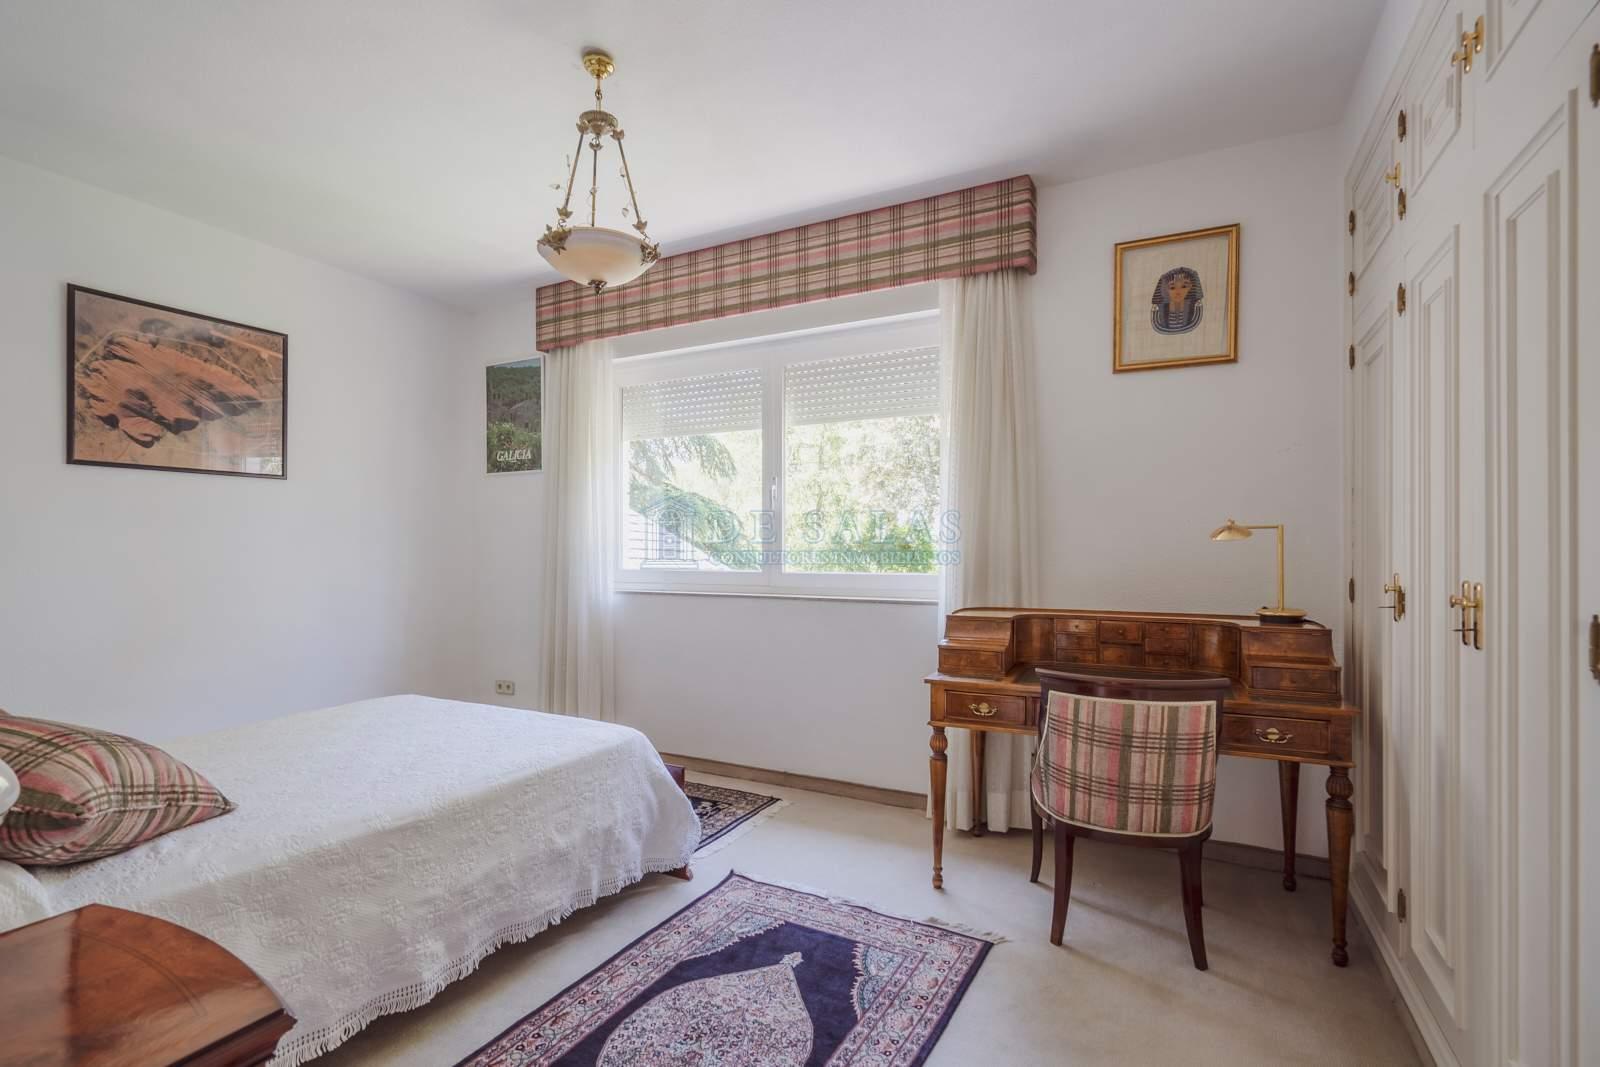 Dormitorio-0031 Maison La Moraleja